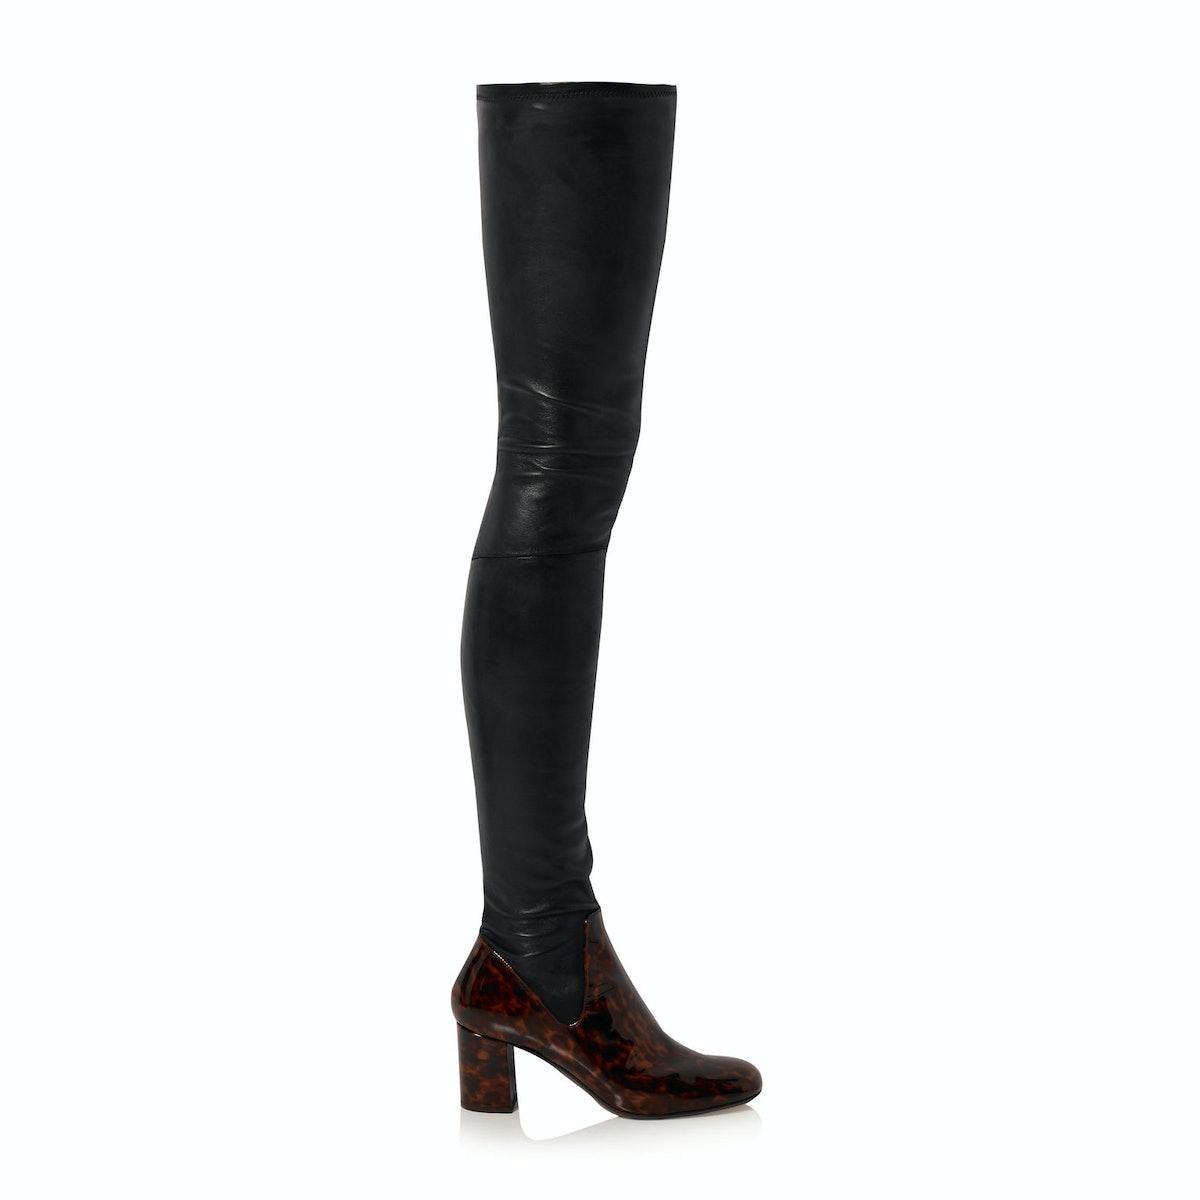 Calvin Klein Collection boots